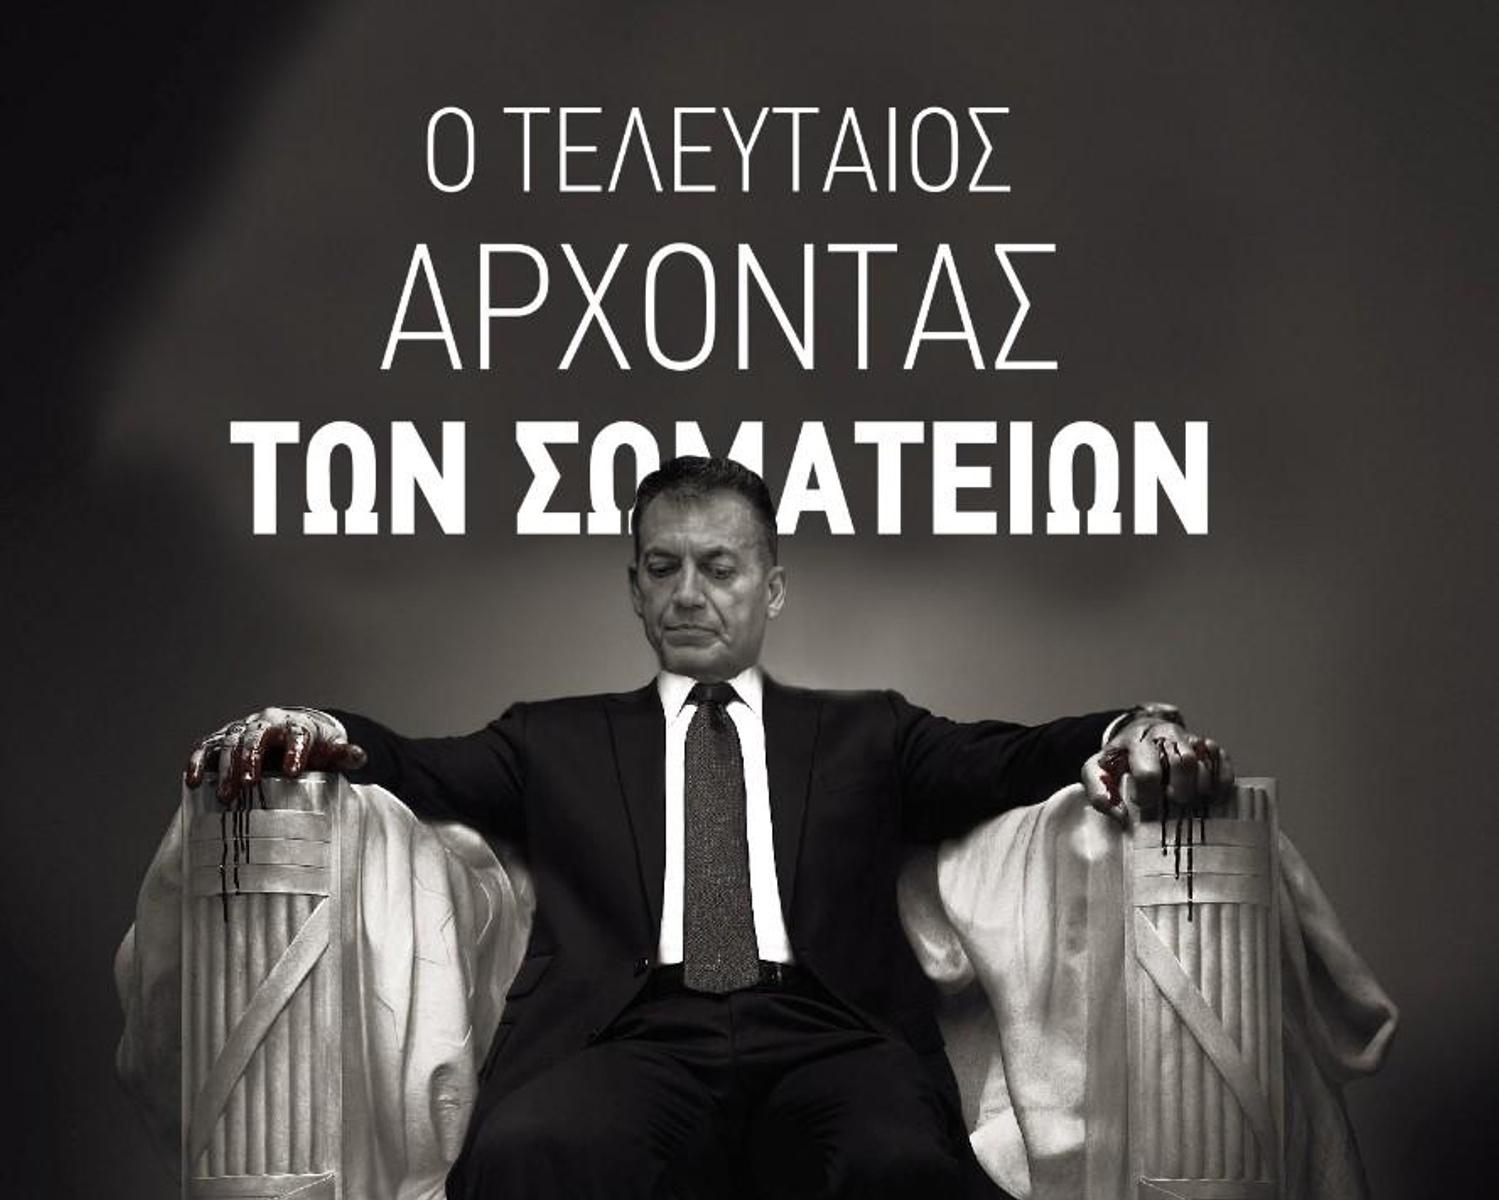 Απεργία: Το σποτ και οι χιουμοριστικές αφίσες του ΠΑΜΕ